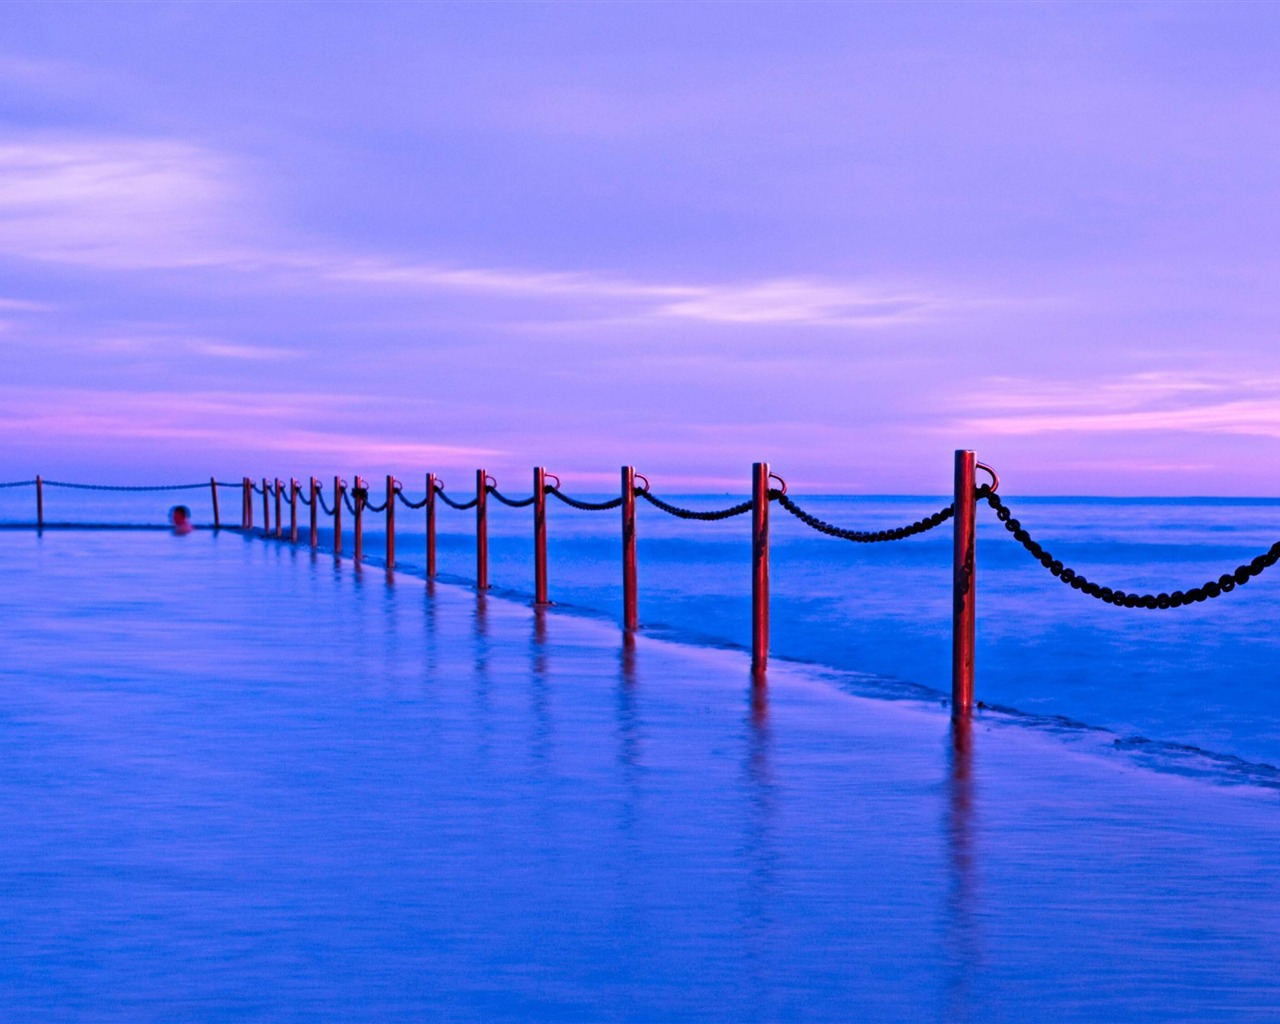 描述: 池中海面-风景高清壁纸 当前壁纸尺寸: 1280 x 1024图片